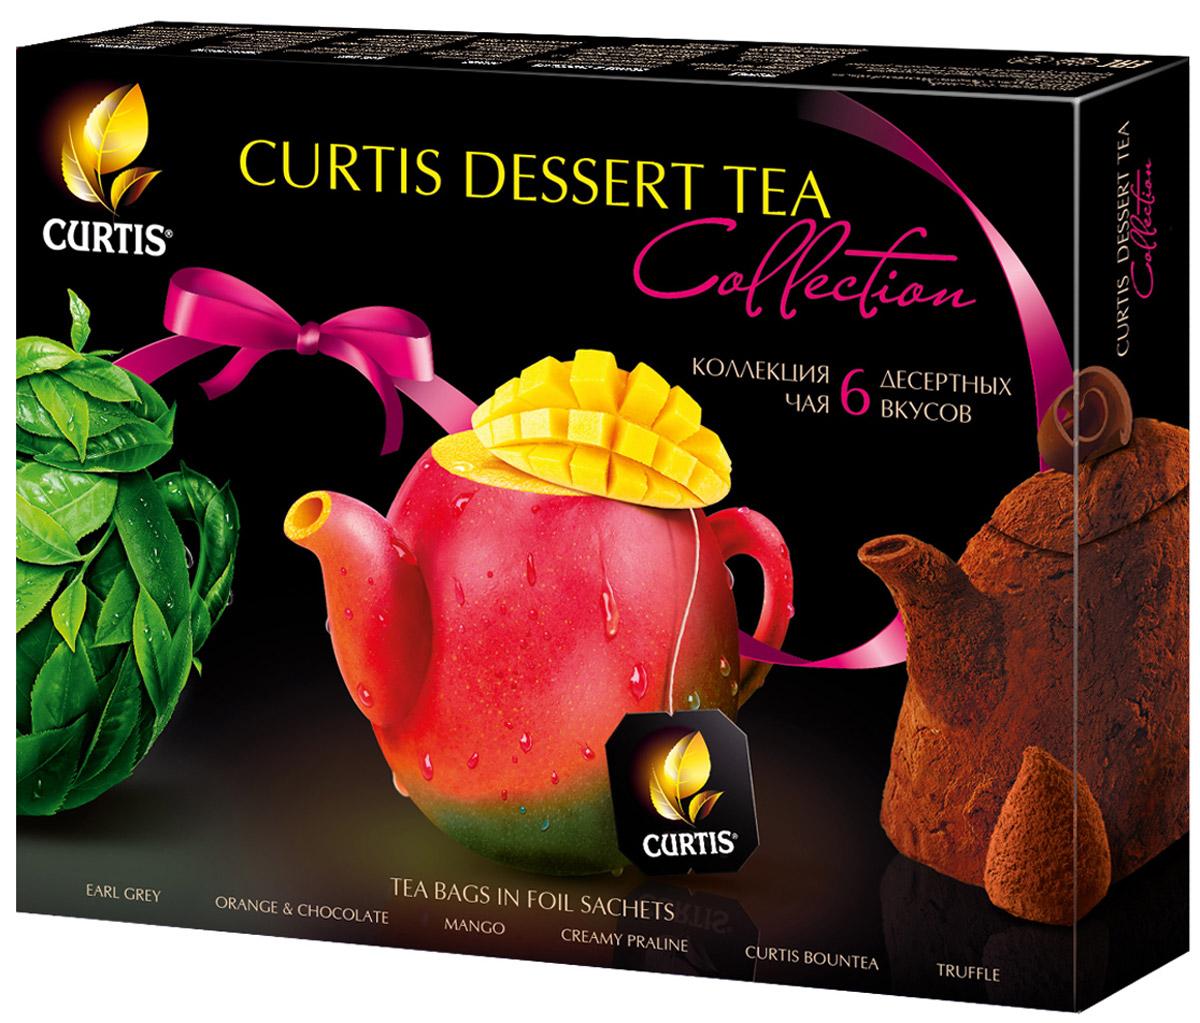 Curtis Dessert Tea Collection чайное ассорти, 30 шт514375Curtis Dessert Tea Collection - коллекция чая с десертными вкусами. Сочетание великолепного чая и вкусов знаменитых десертов рождает новую изысканную форму удовольствия. Утонченные ароматы и соблазнительные вкусы: шоколадный, фруктовый, карамельный и т.д. Уважаемые клиенты! Обращаем ваше внимание на то, что упаковка может иметь несколько видов дизайна. Поставка осуществляется в зависимости от наличия на складе.